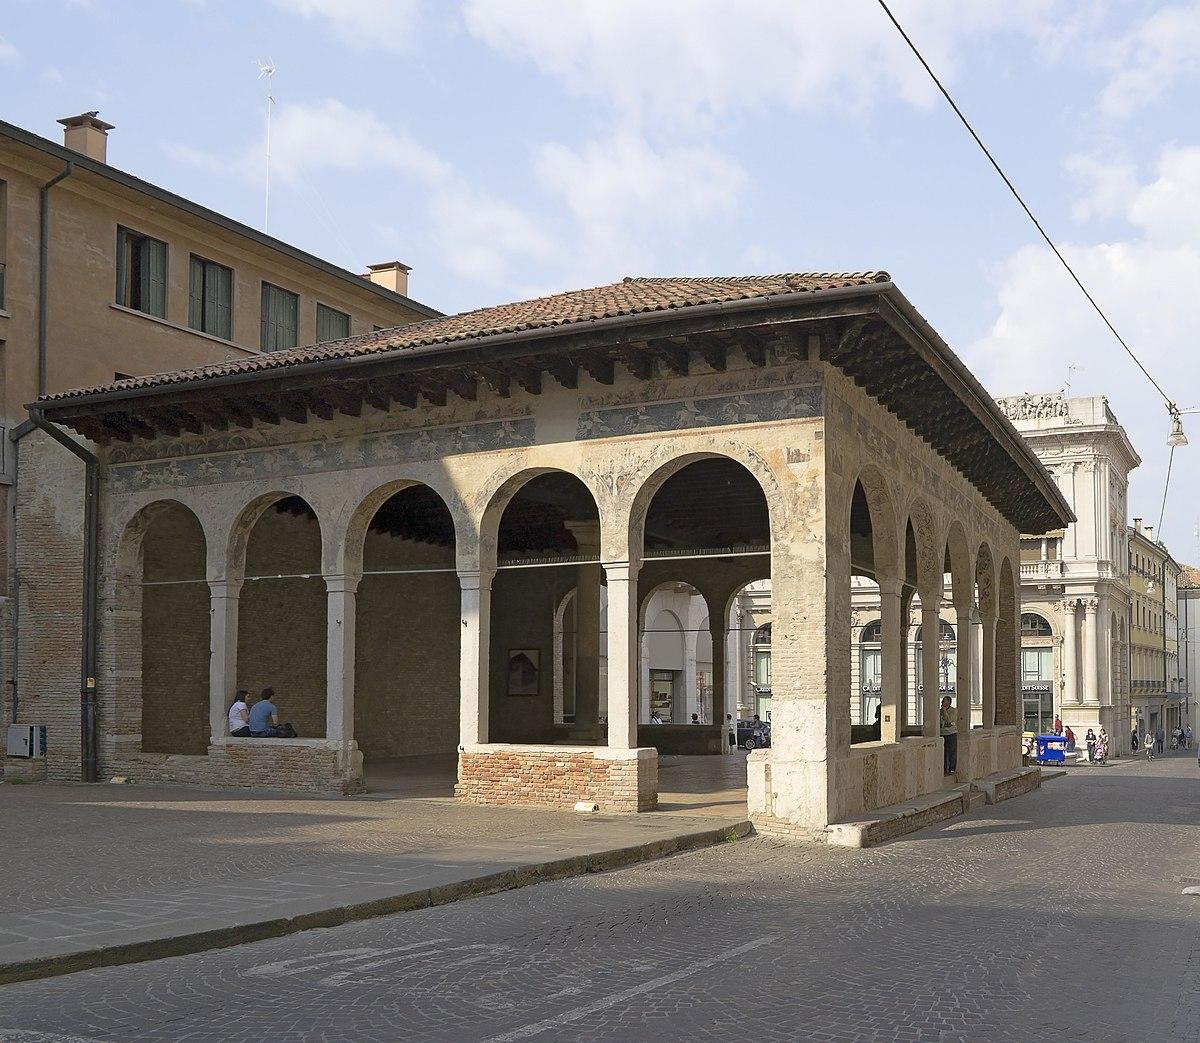 Villa Cipr Ef Bf Bd Via Ignazio Gio Ef Bf Bd Palermo